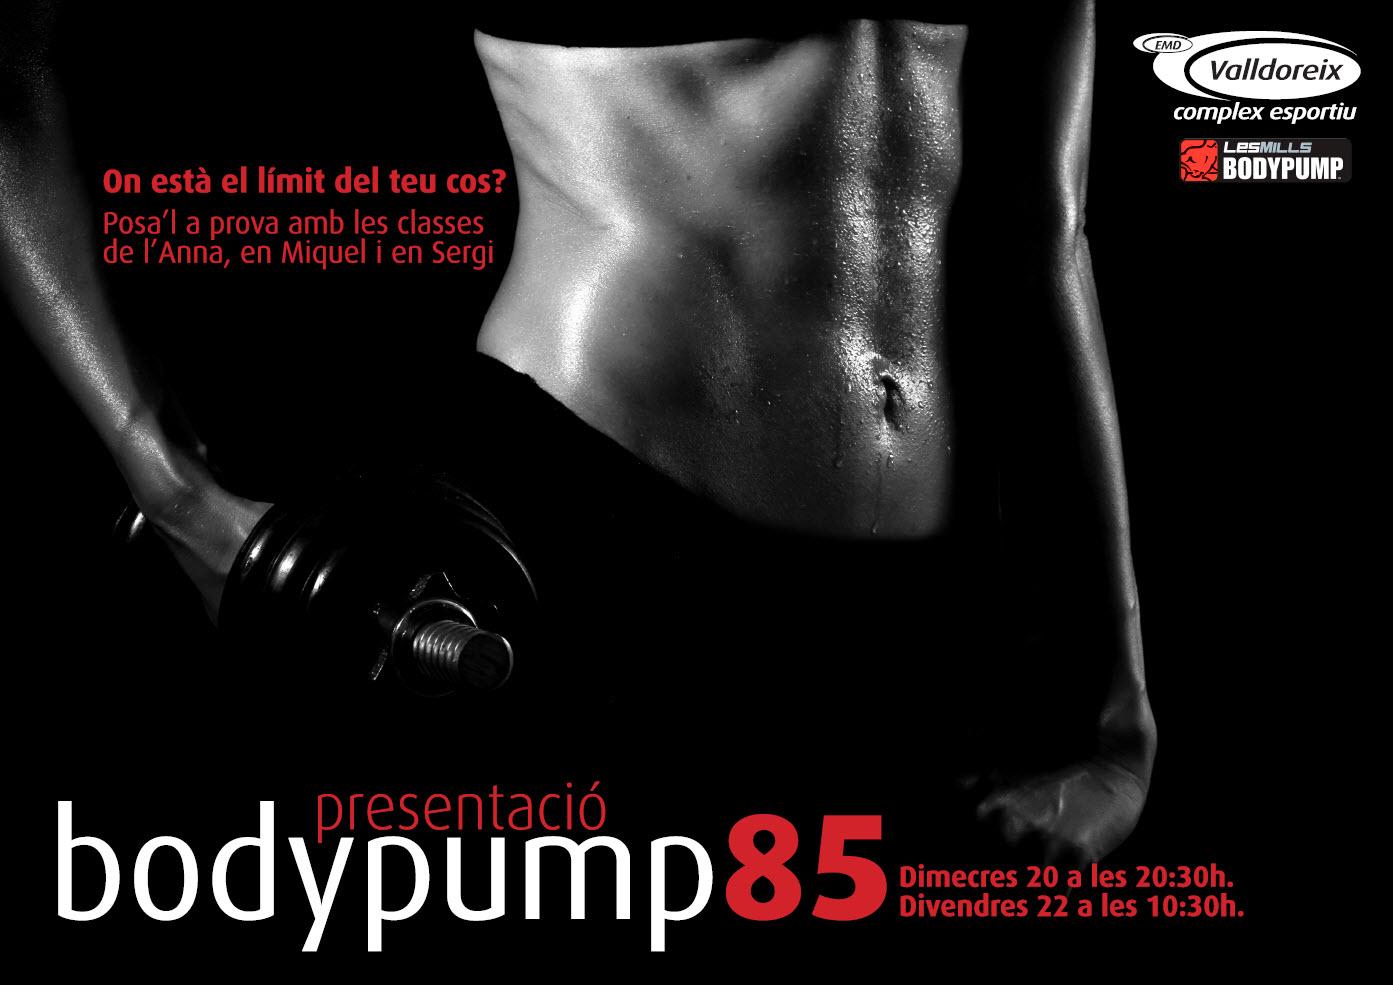 Presentació de la Body Pump 85